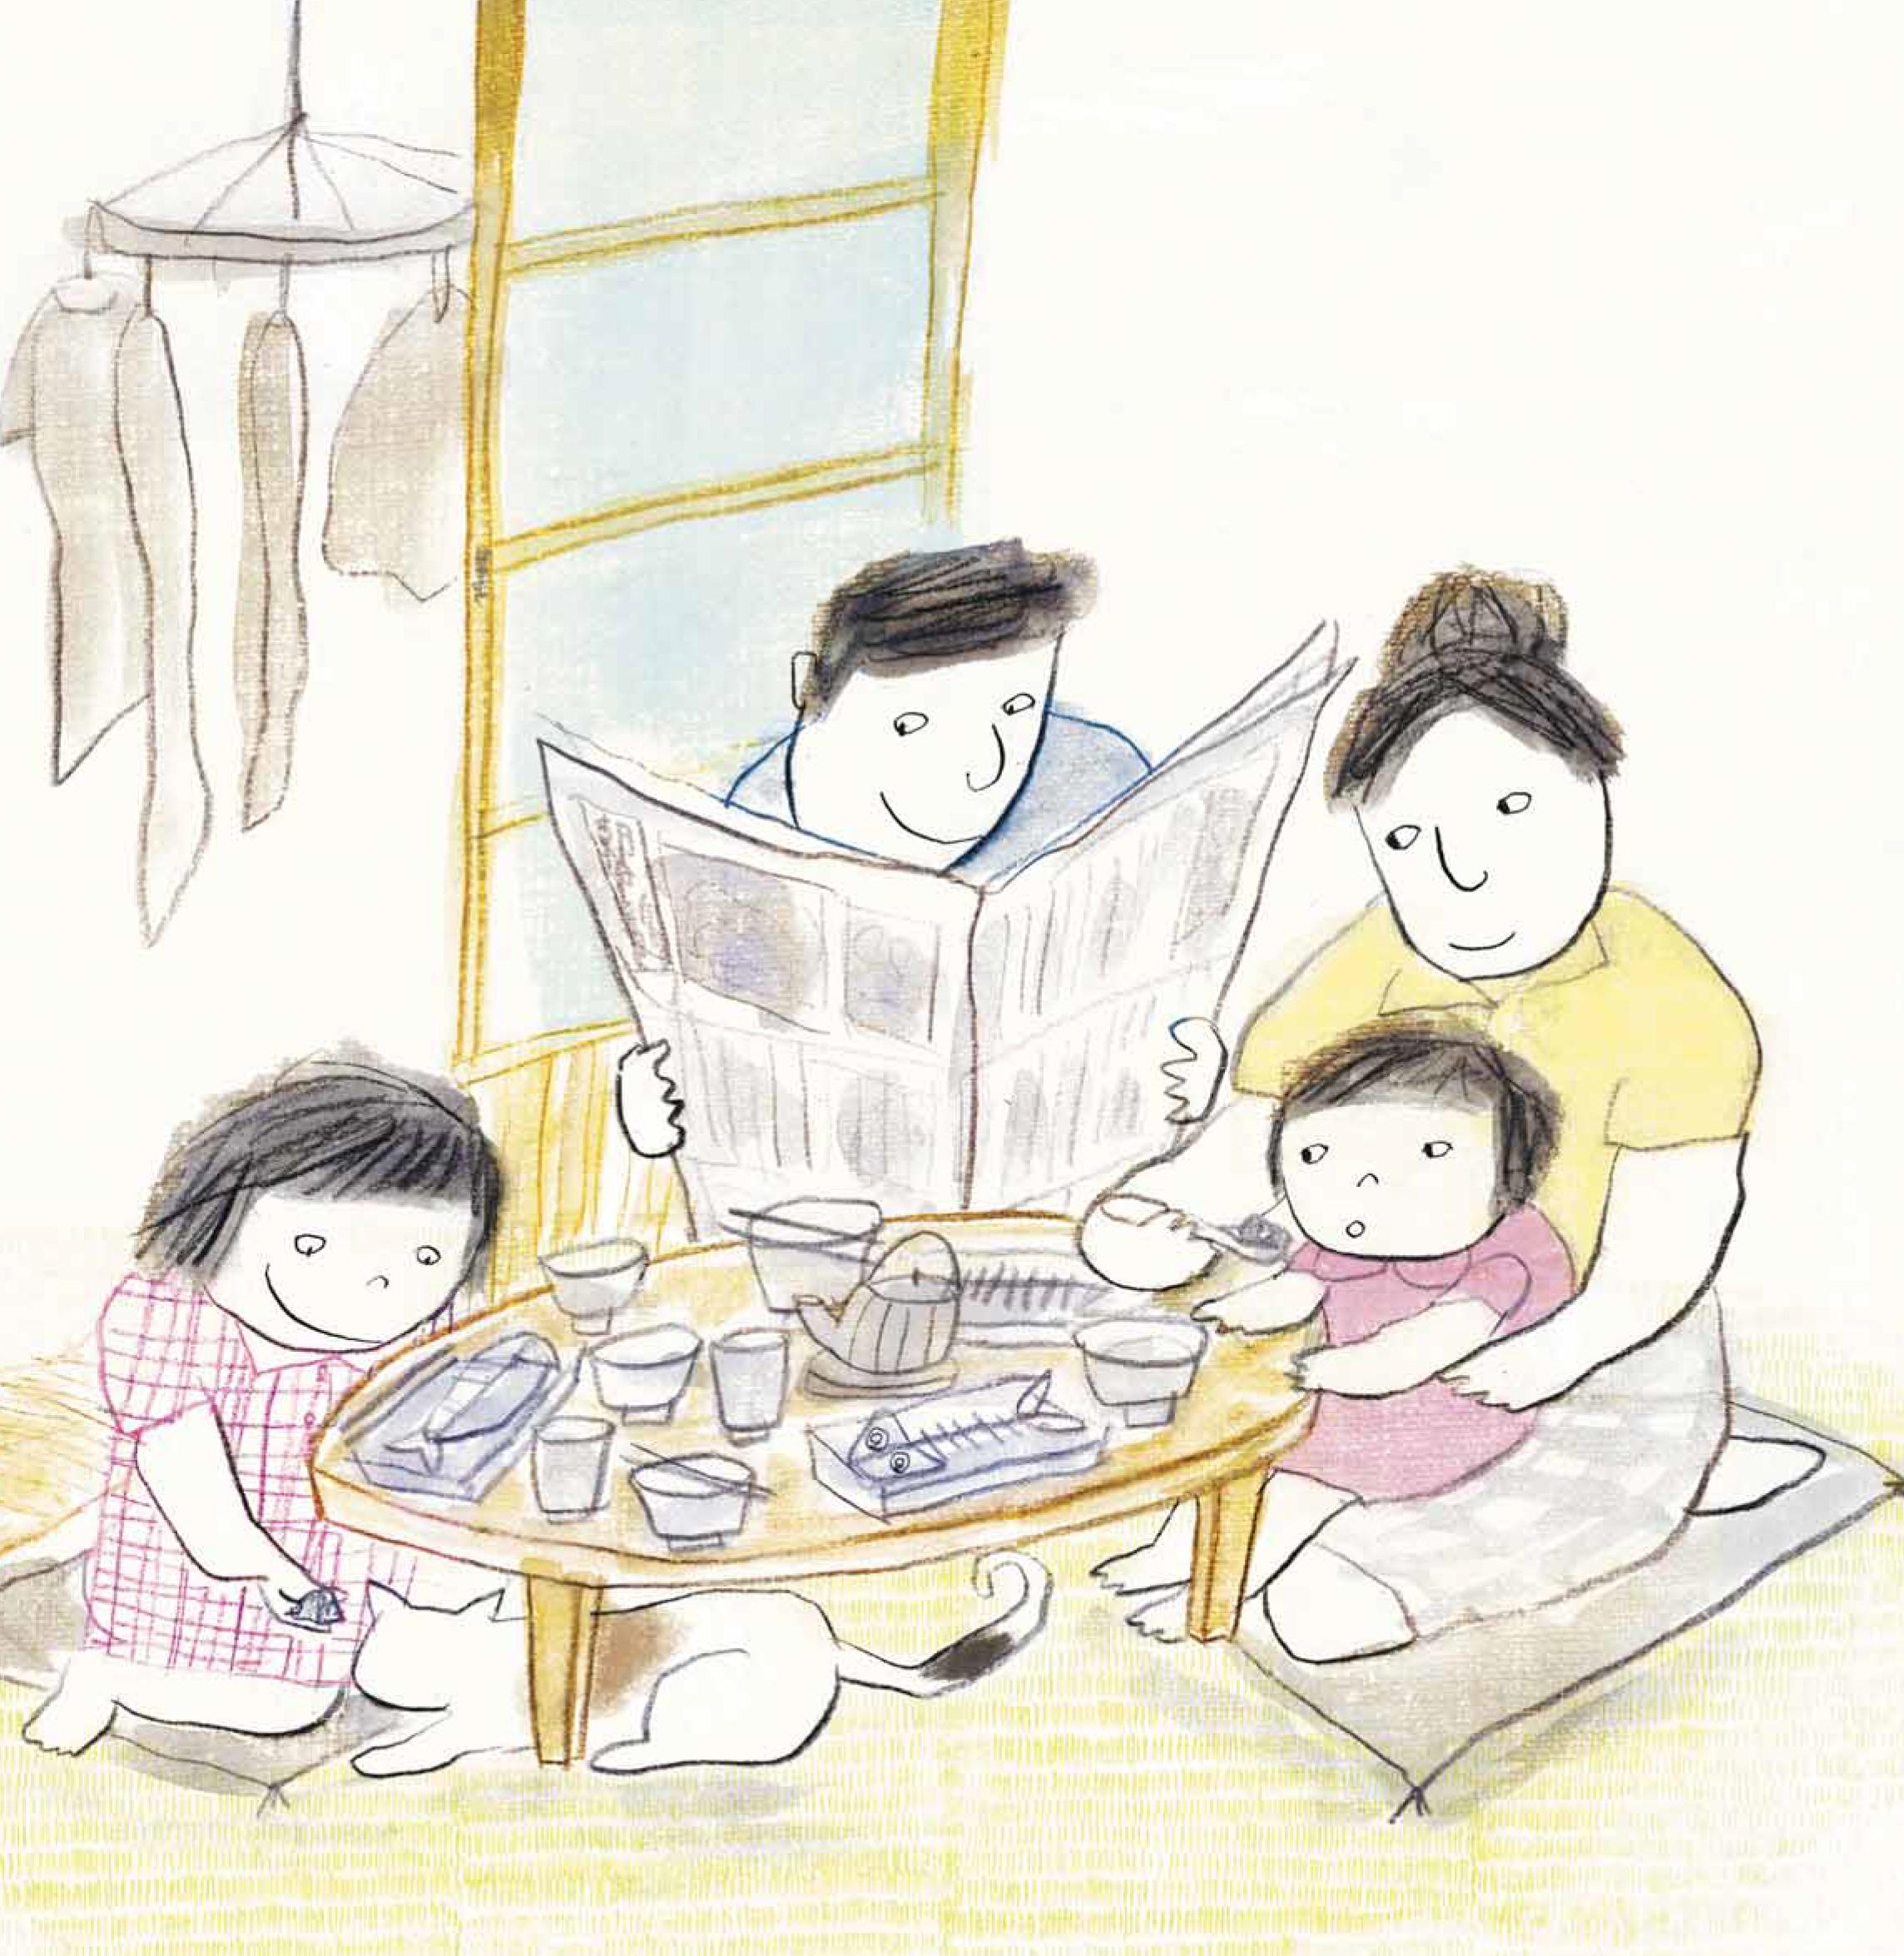 """Exposittion """"Kotimi, visages d'une enfance japonaise"""""""